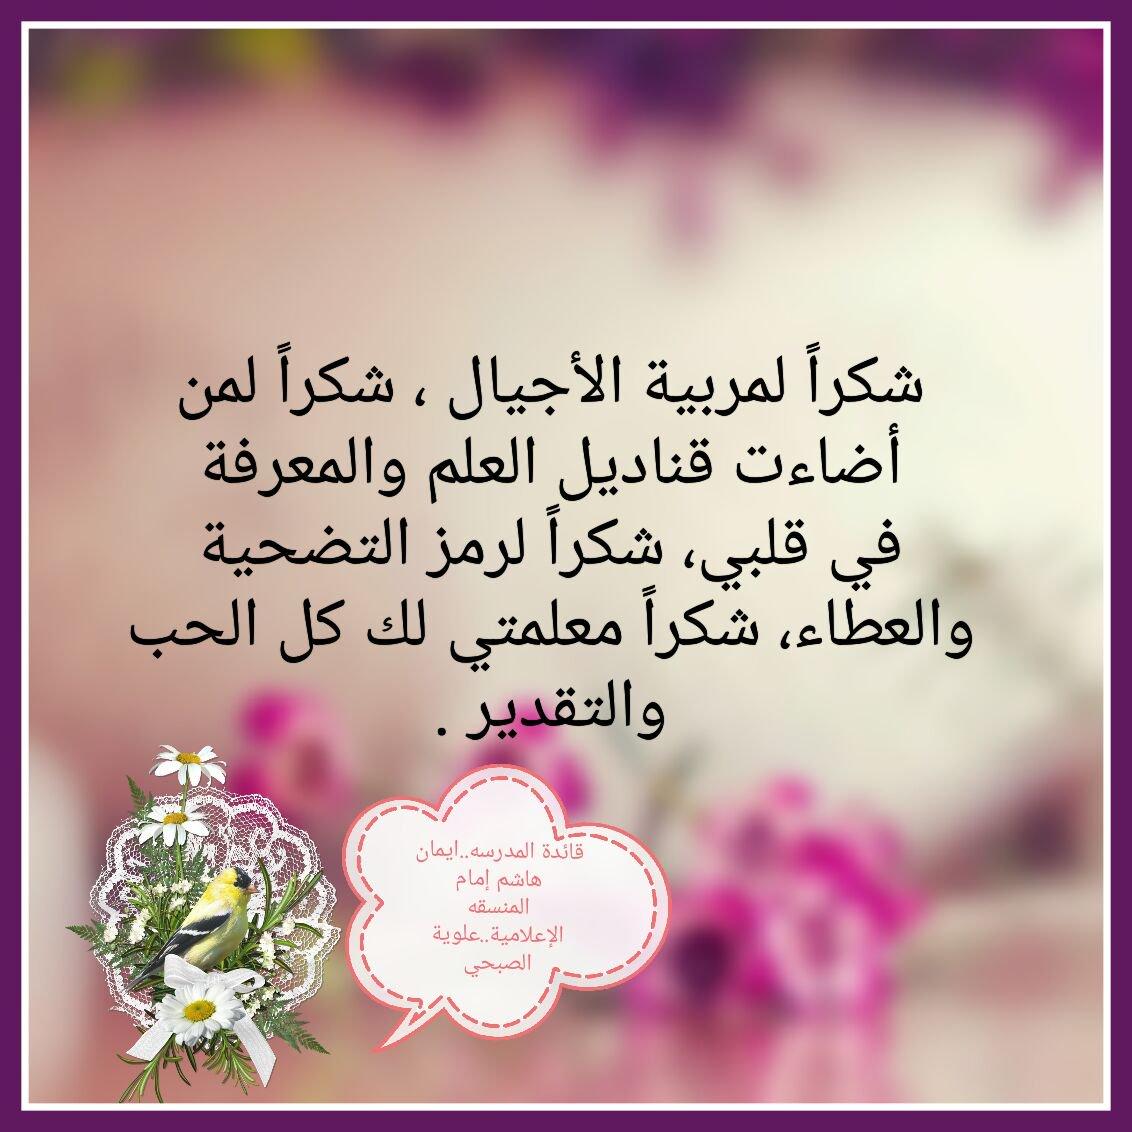 بالصور كلمات شكر وتقدير للاصدقاء فيس بوك , كلام بين الاصدقاء على الفيس بوك 3879 5